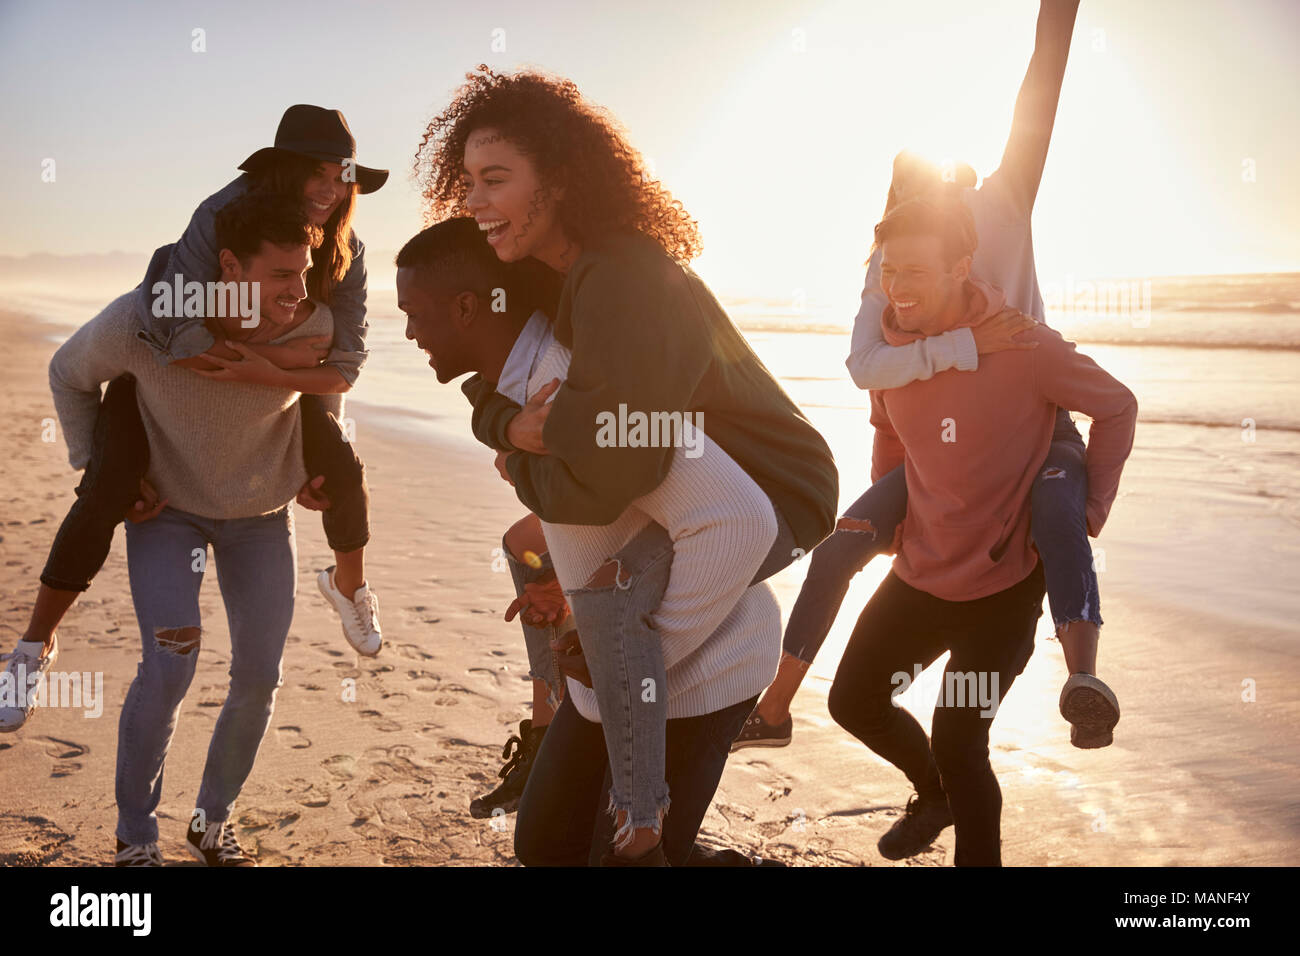 Groupe d'amis ayant la race de ferroutage sur l'ensemble de la plage d'hiver Photo Stock